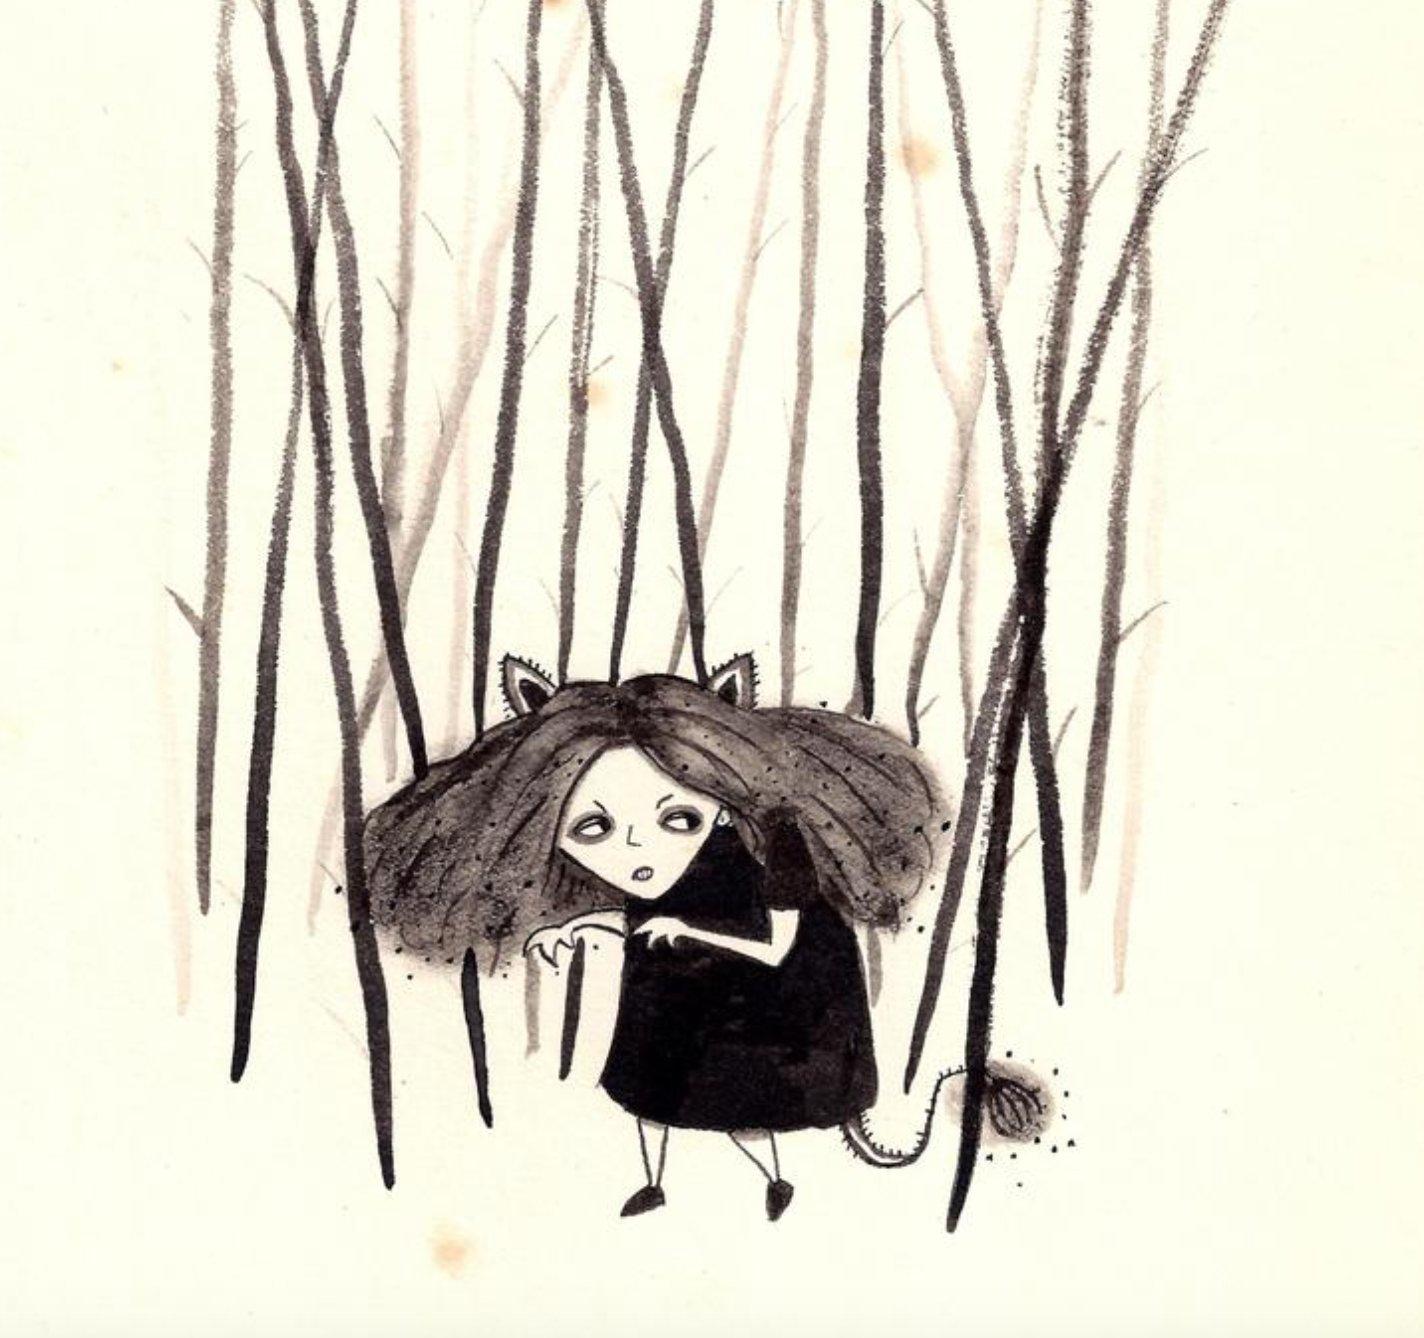 She needs a story written about her: https://t.co/car1quJR66 https://t.co/oTjIyjp2Ze